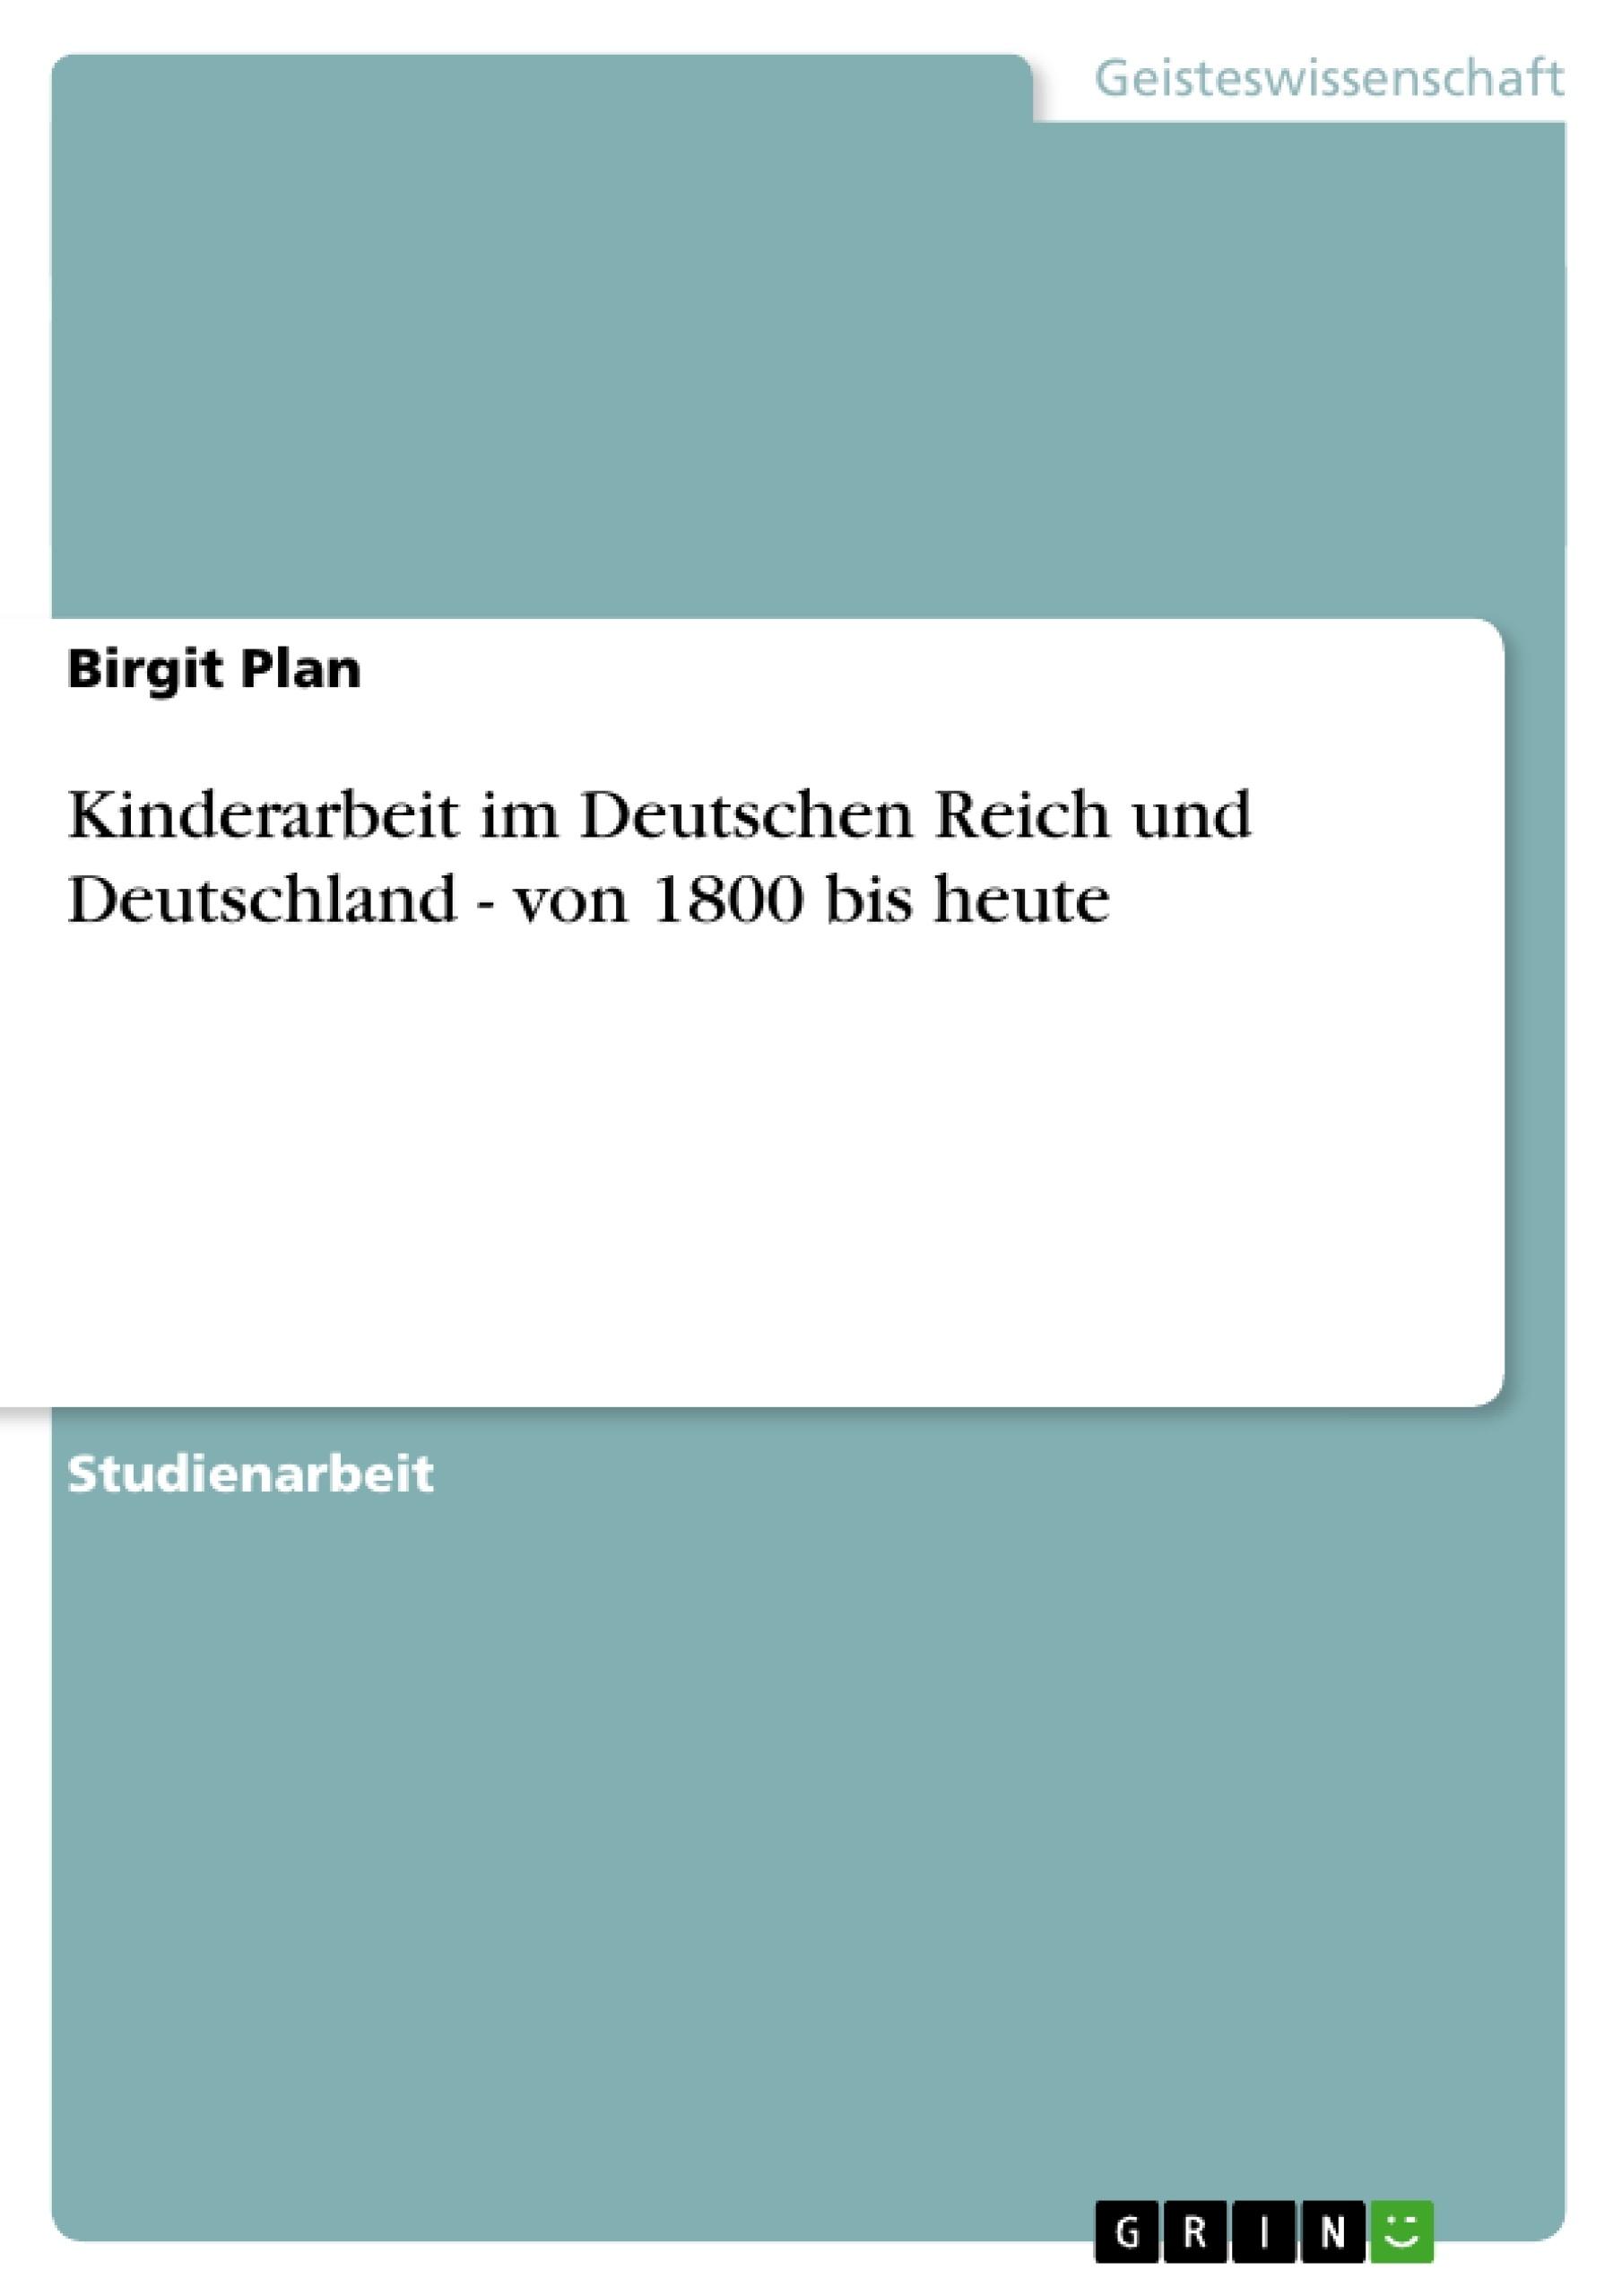 Titel: Kinderarbeit im Deutschen Reich und Deutschland - von 1800 bis heute